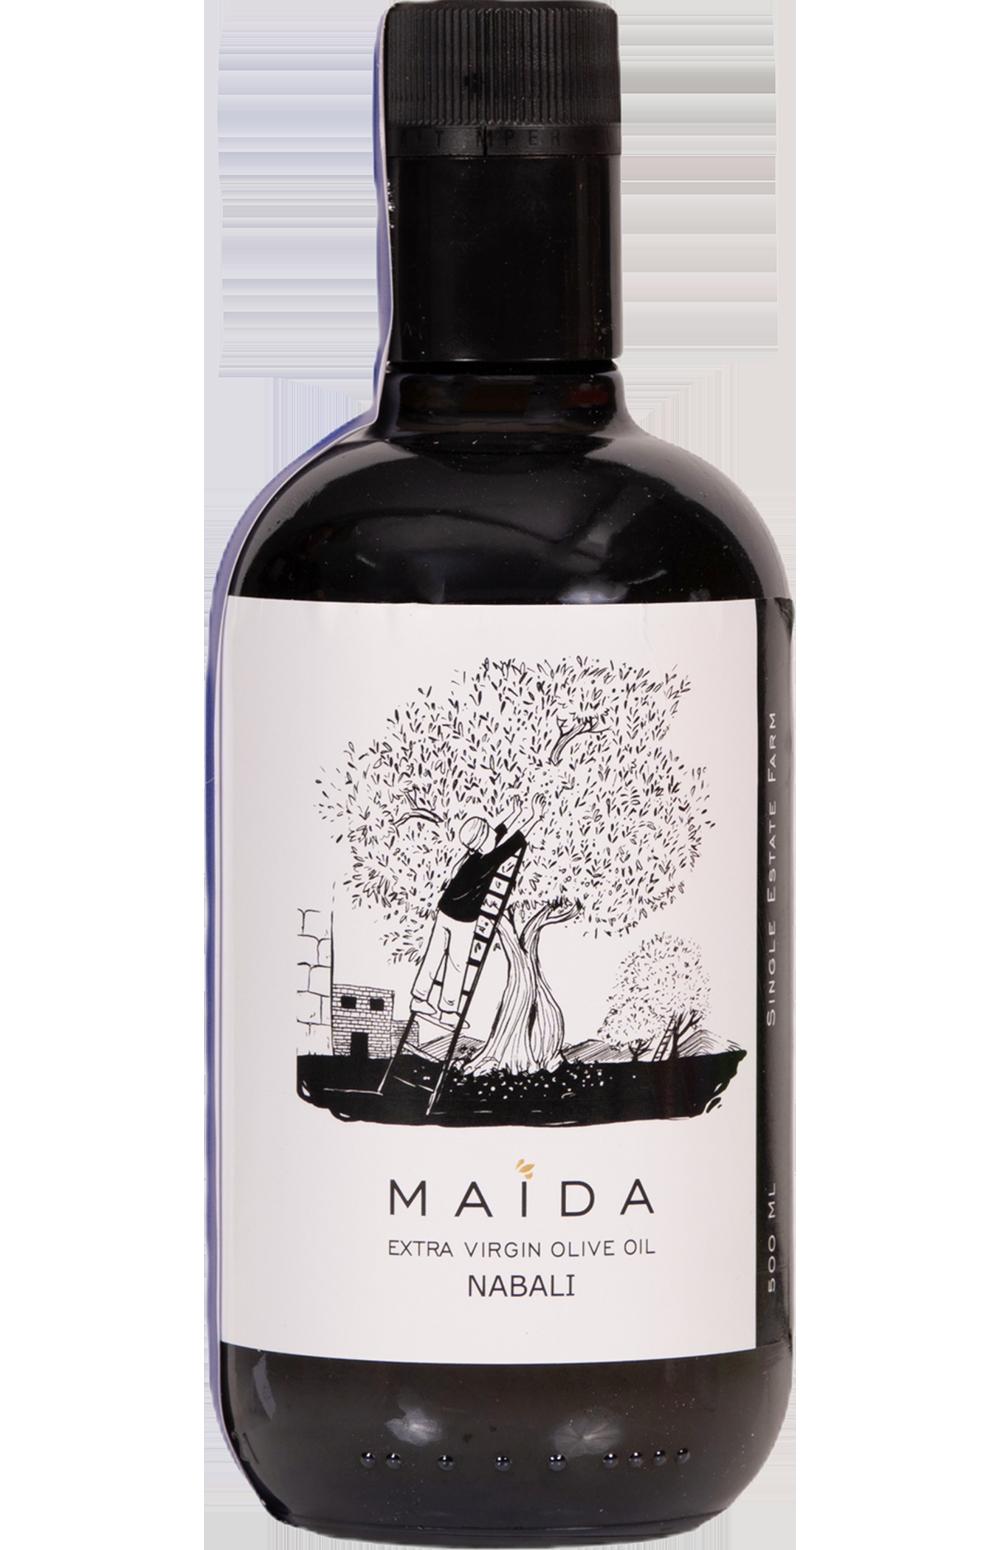 Maida Nabali